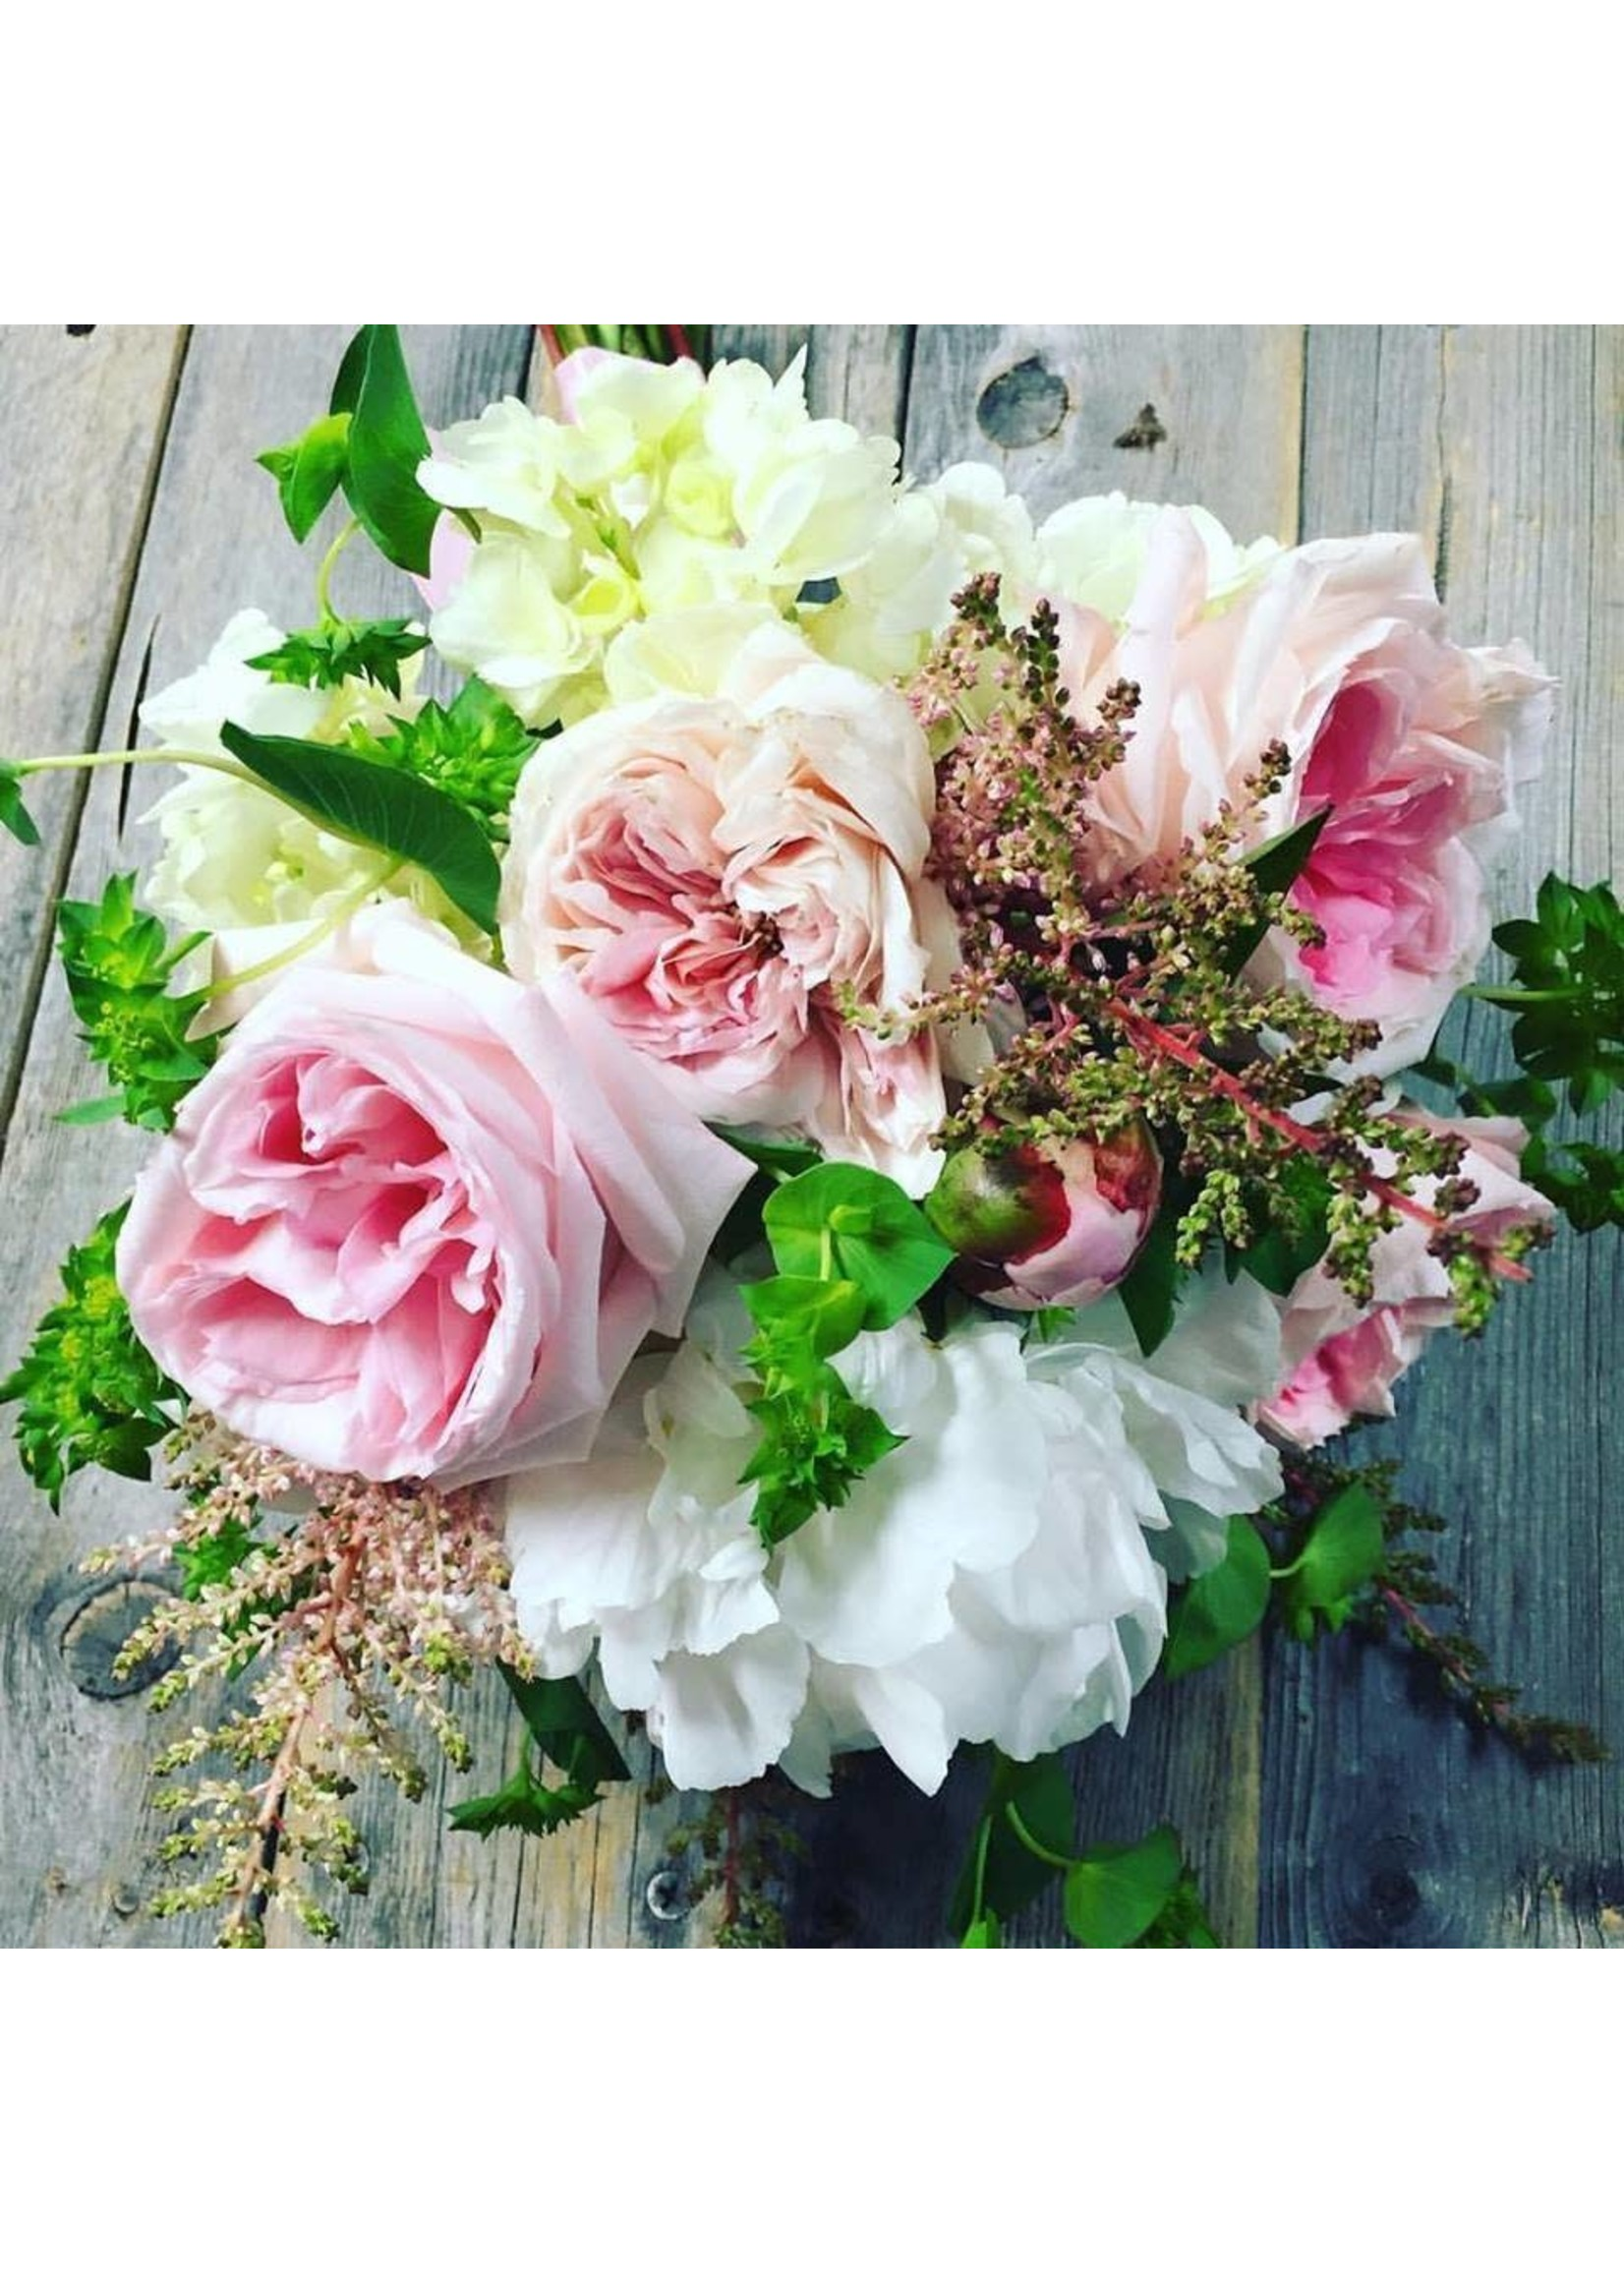 Large Modest Seasonal Blooms